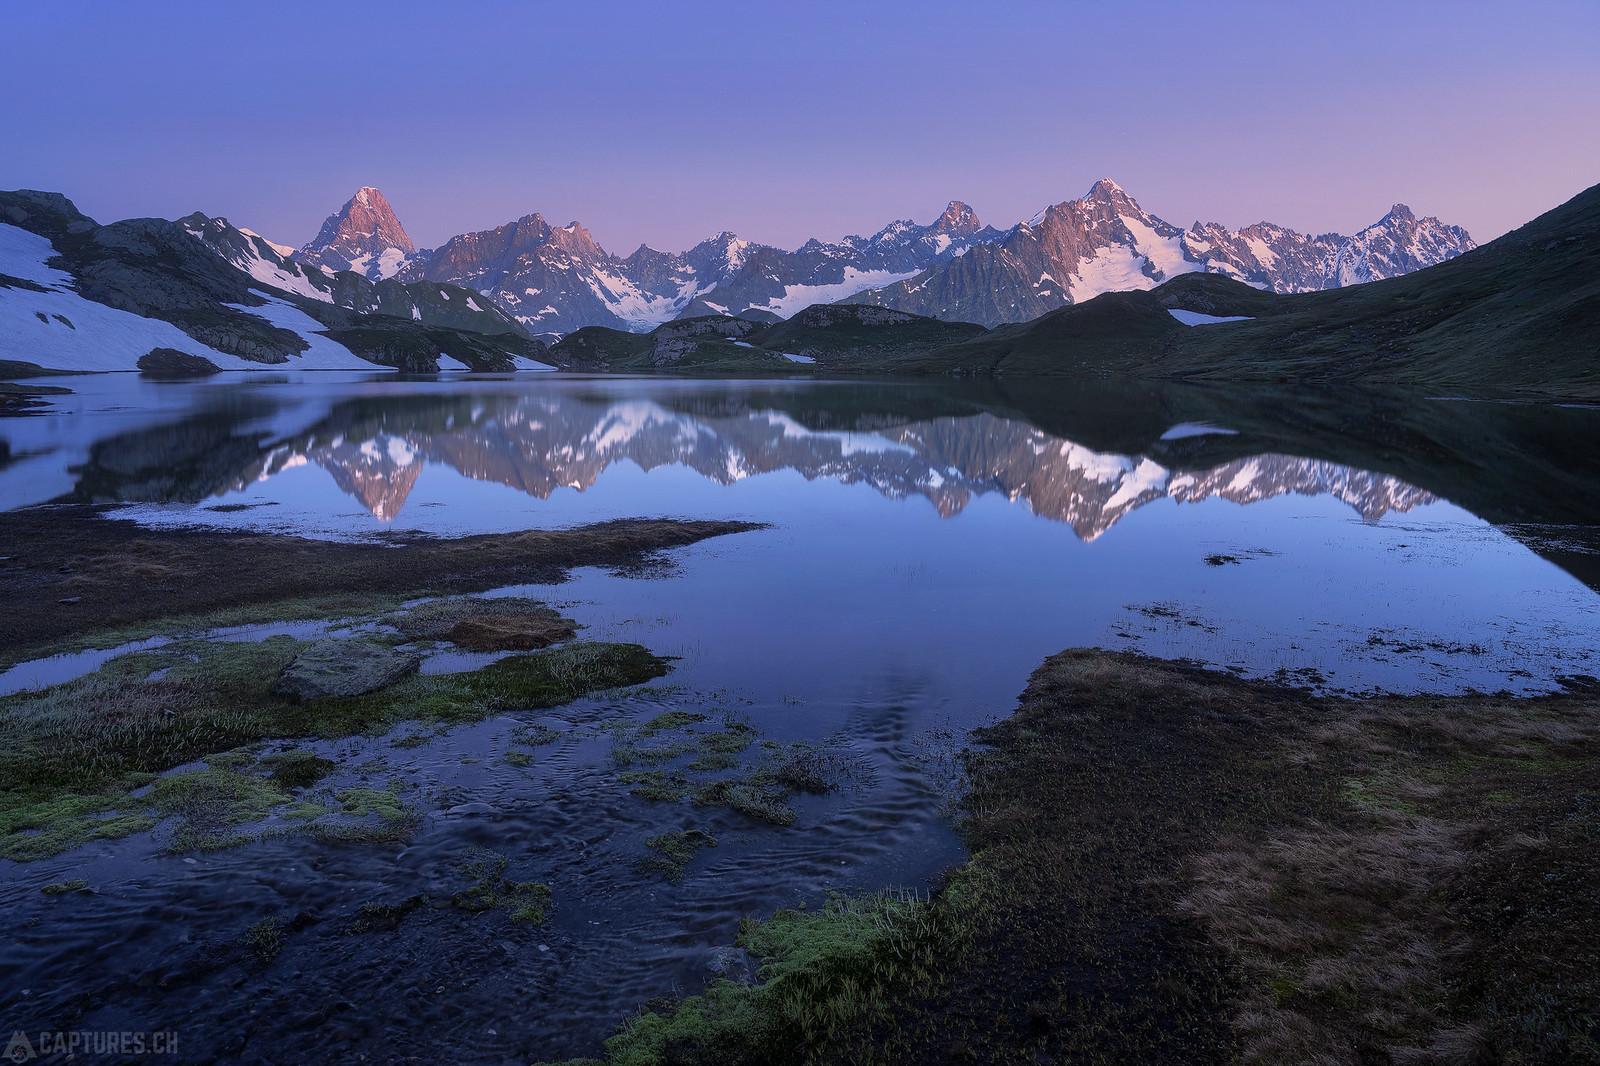 Dawn - Lacs de Fenetre